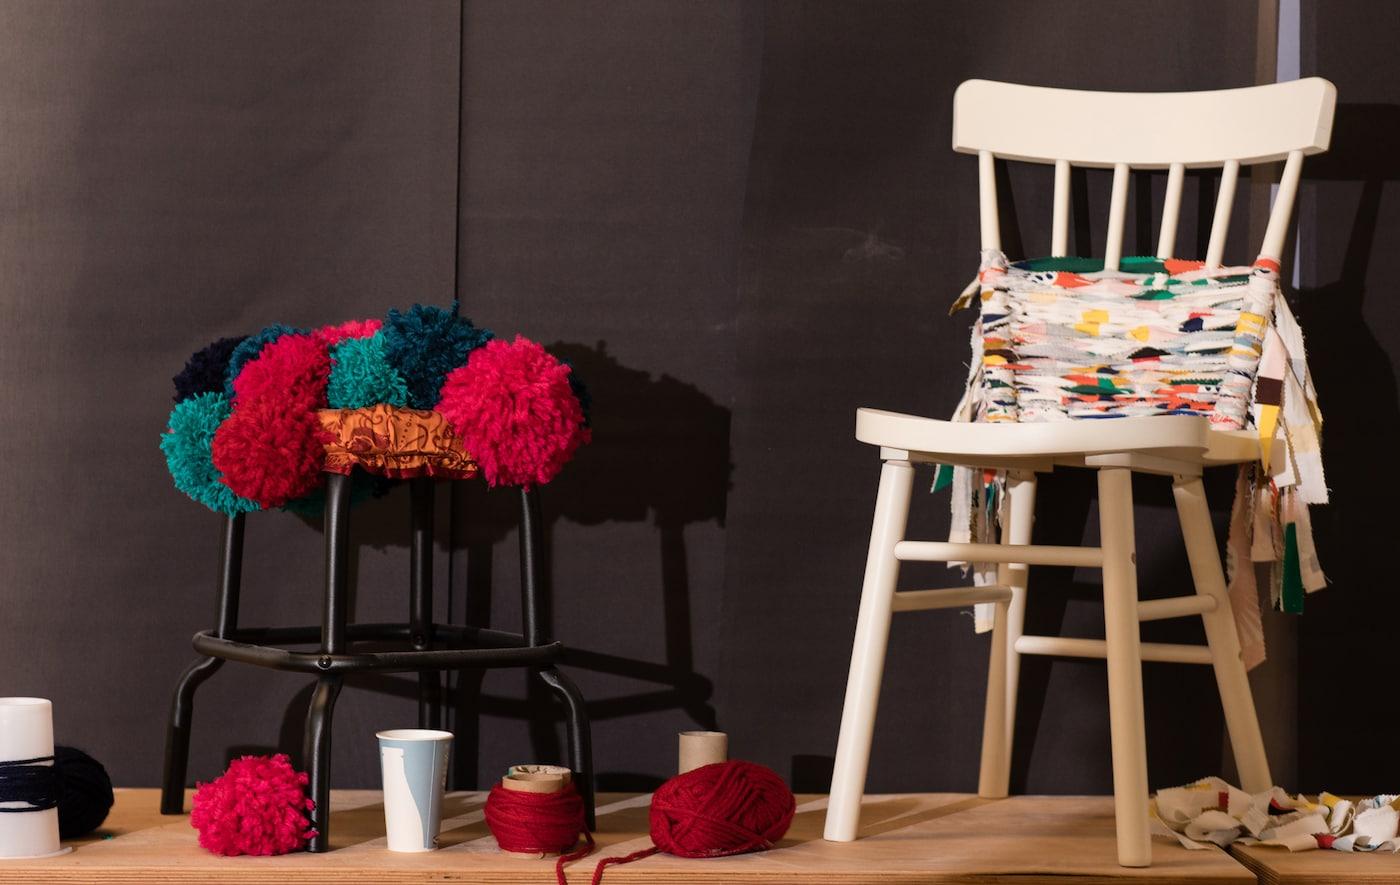 Un tabouret noir recouvert de pompons en laine multicolores et une chaise blanche recouverte de bandes de tissu.